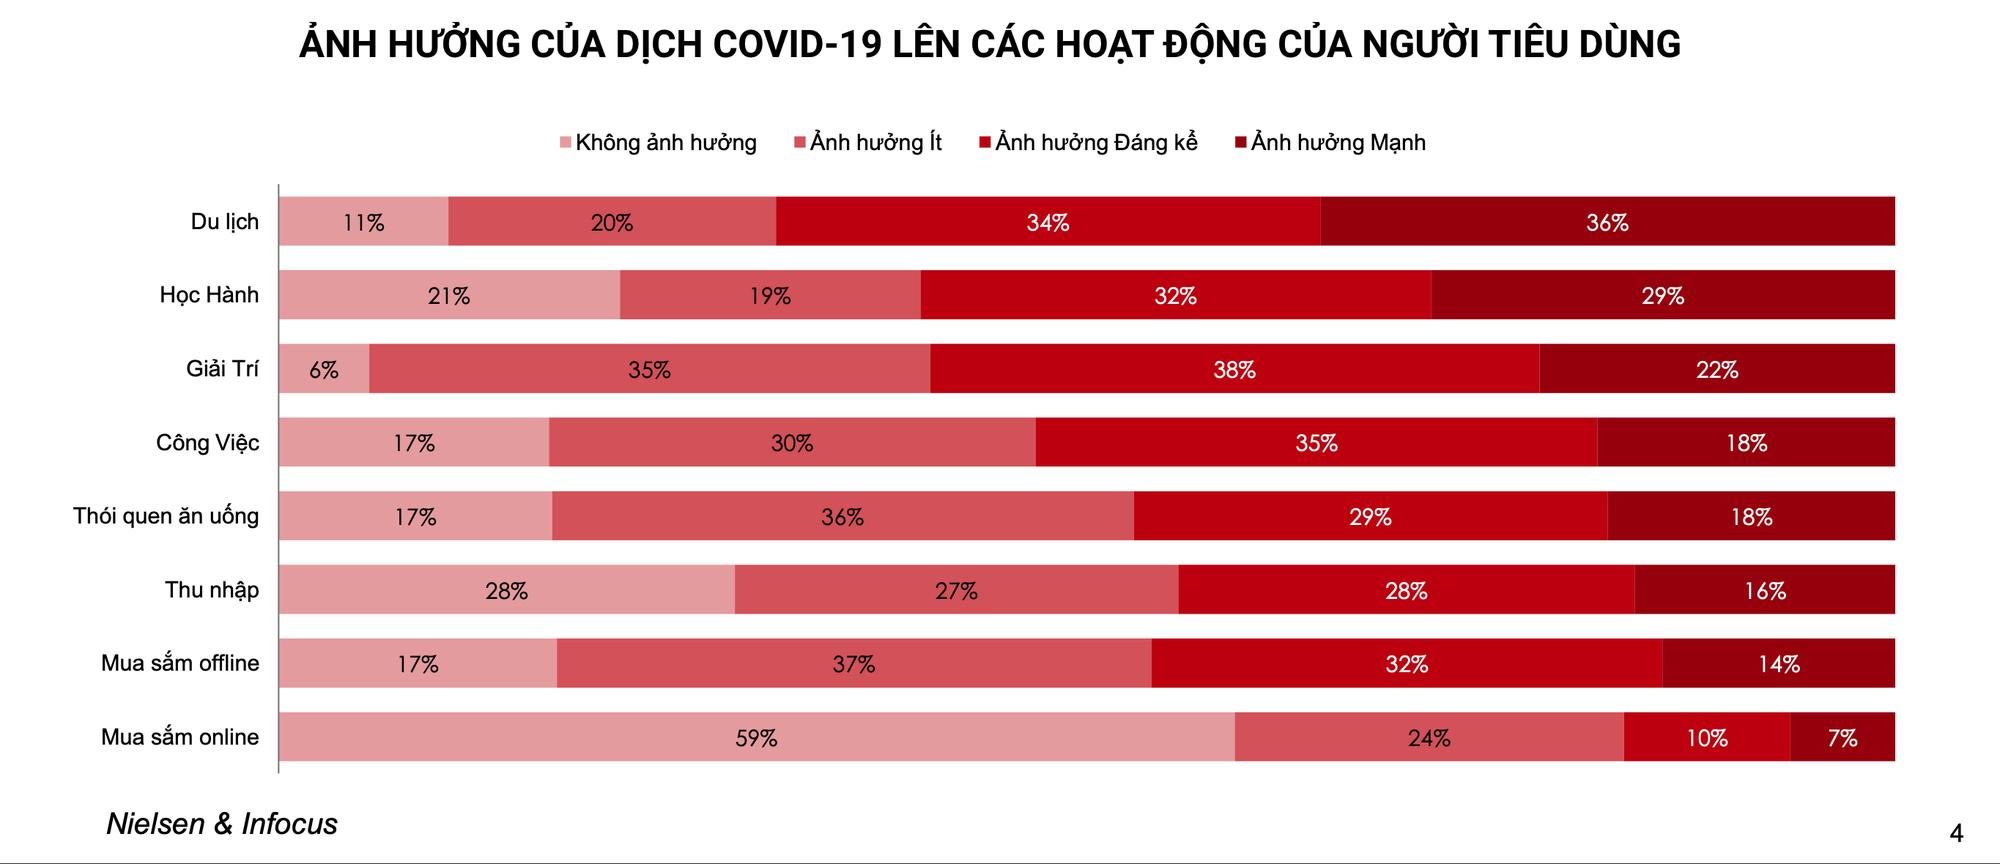 Cứ 5 người Sài Gòn, Hà Nội, Đà Nẵng, sẽ có 2 người mua mì gói nhiều hơn trong mùa dịch corona - Ảnh 5.